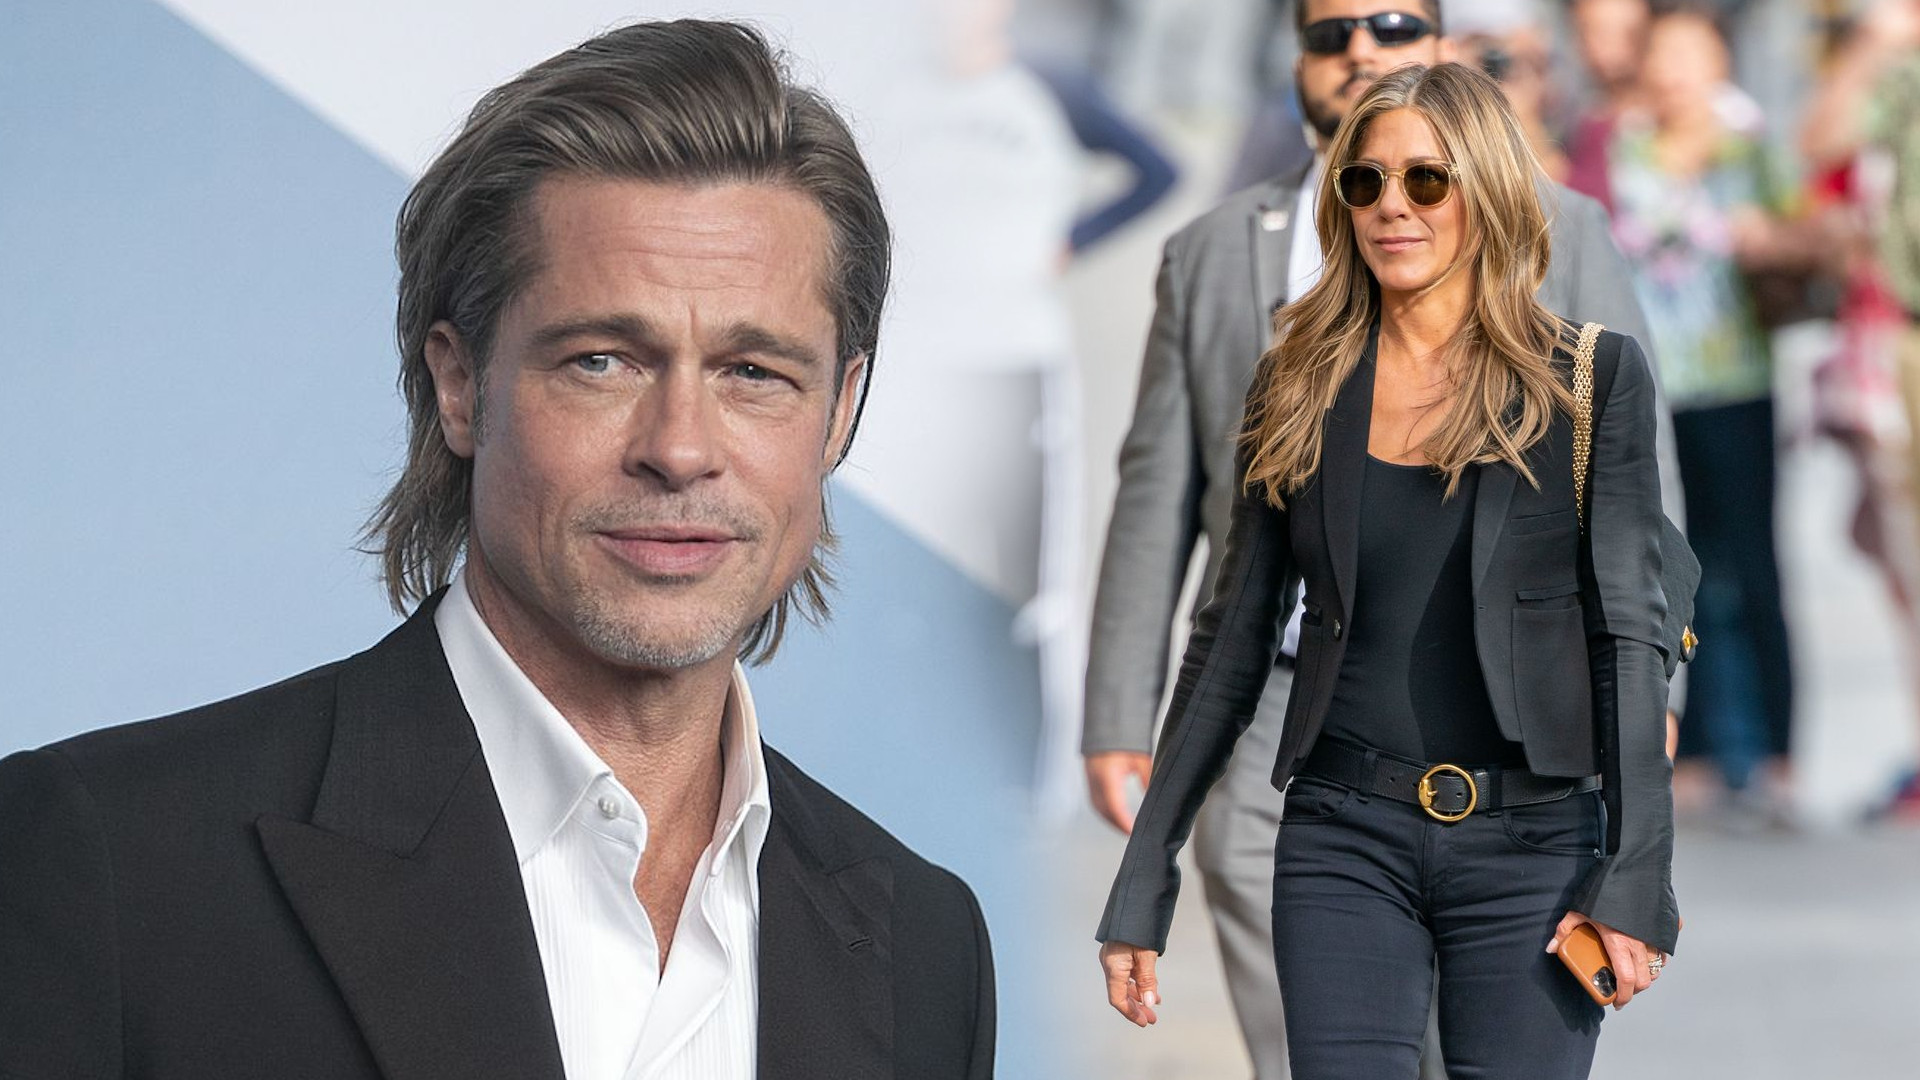 Brad Pitt KOMENTUJE zdjęcia zrobione z Jennifer Aniston na SAG